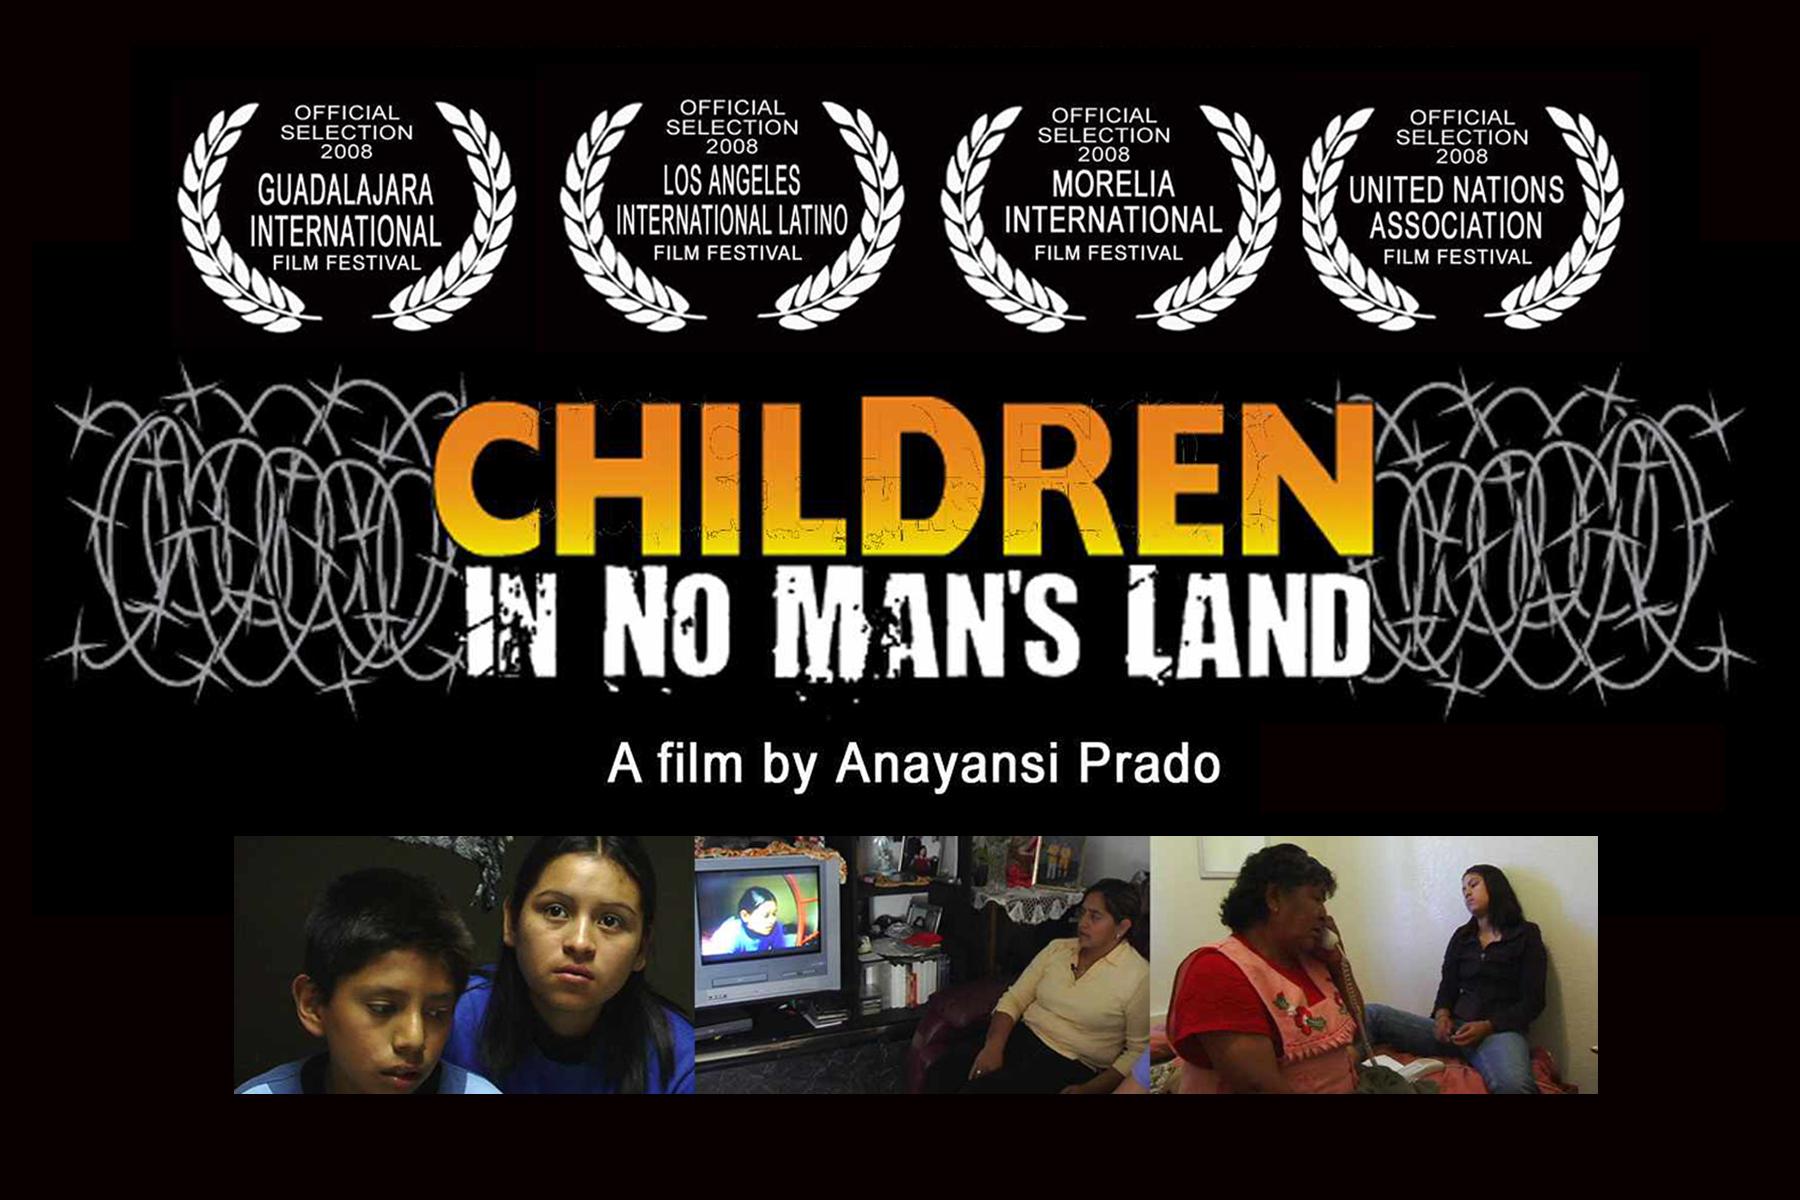 Children In No Man's Land Anayansi Prado